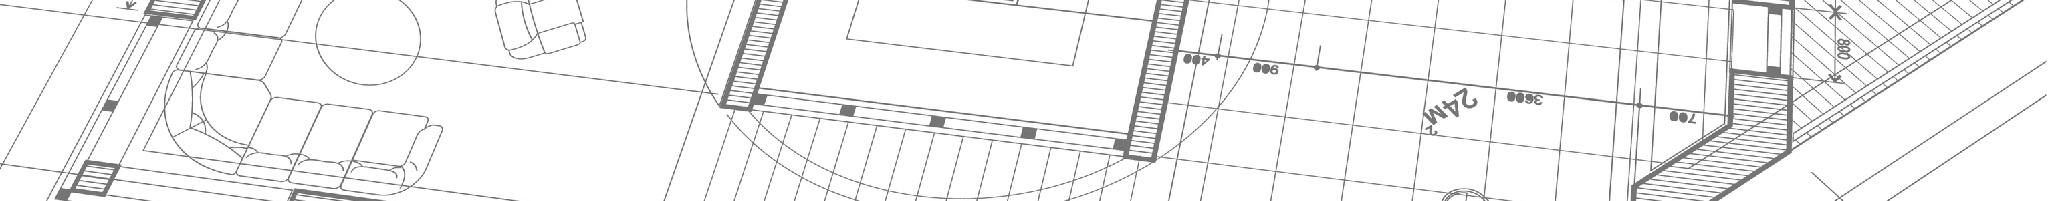 Architekten Bauplanung - Hausplanung 4